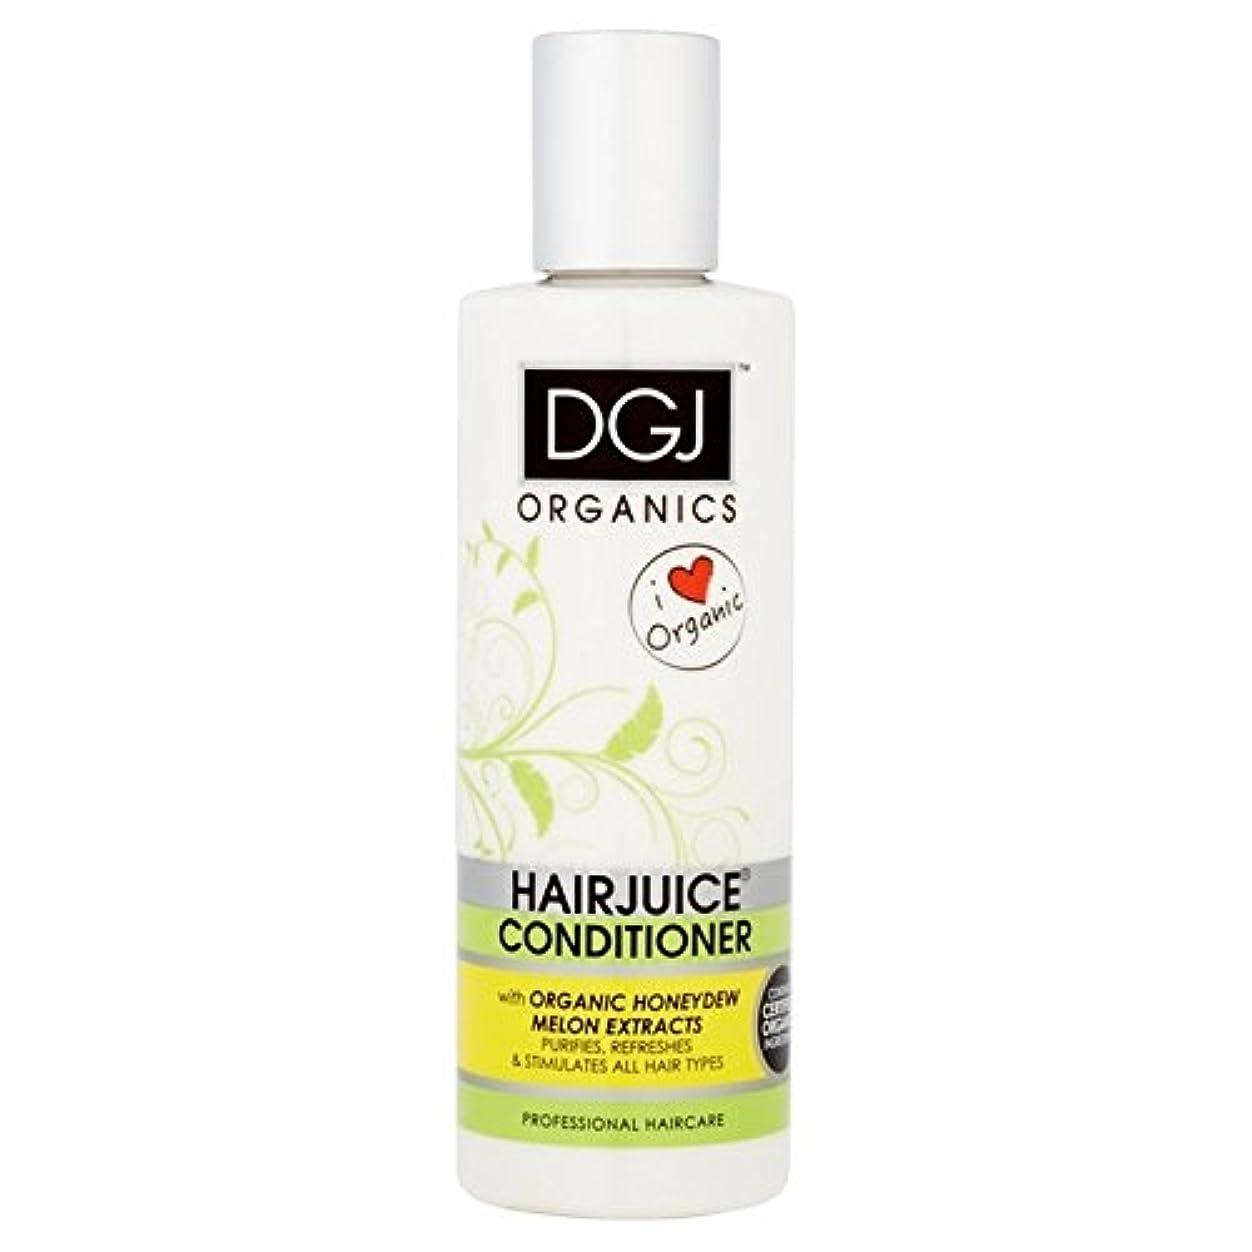 積分話をする工場有機メロンコンディショナー250 x4 - DGJ Organic Hairjuice Melon Conditioner 250ml (Pack of 4) [並行輸入品]